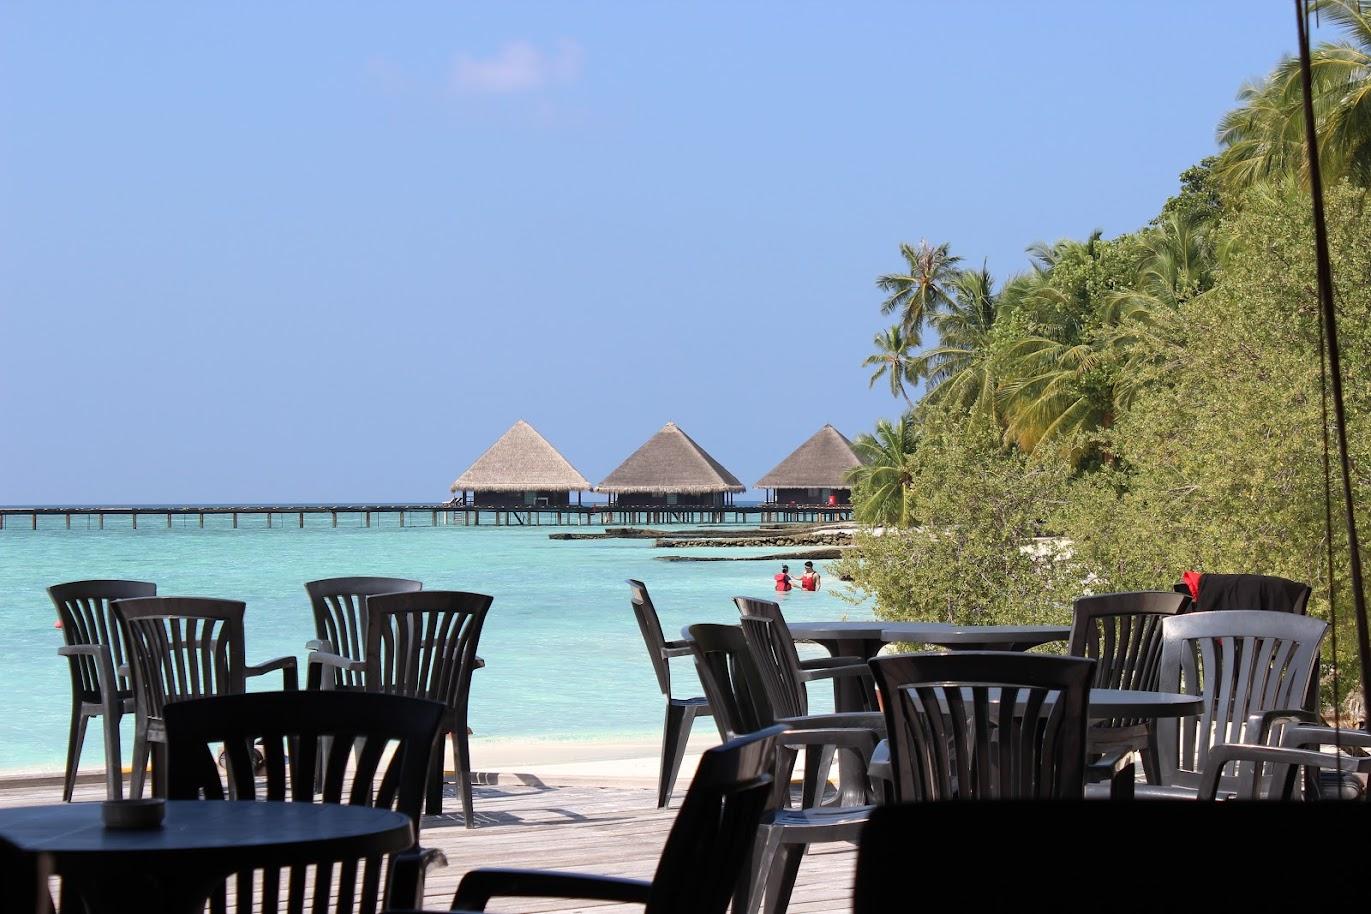 Мальдивы отель Adaaran Club Rannalhi вид из бара